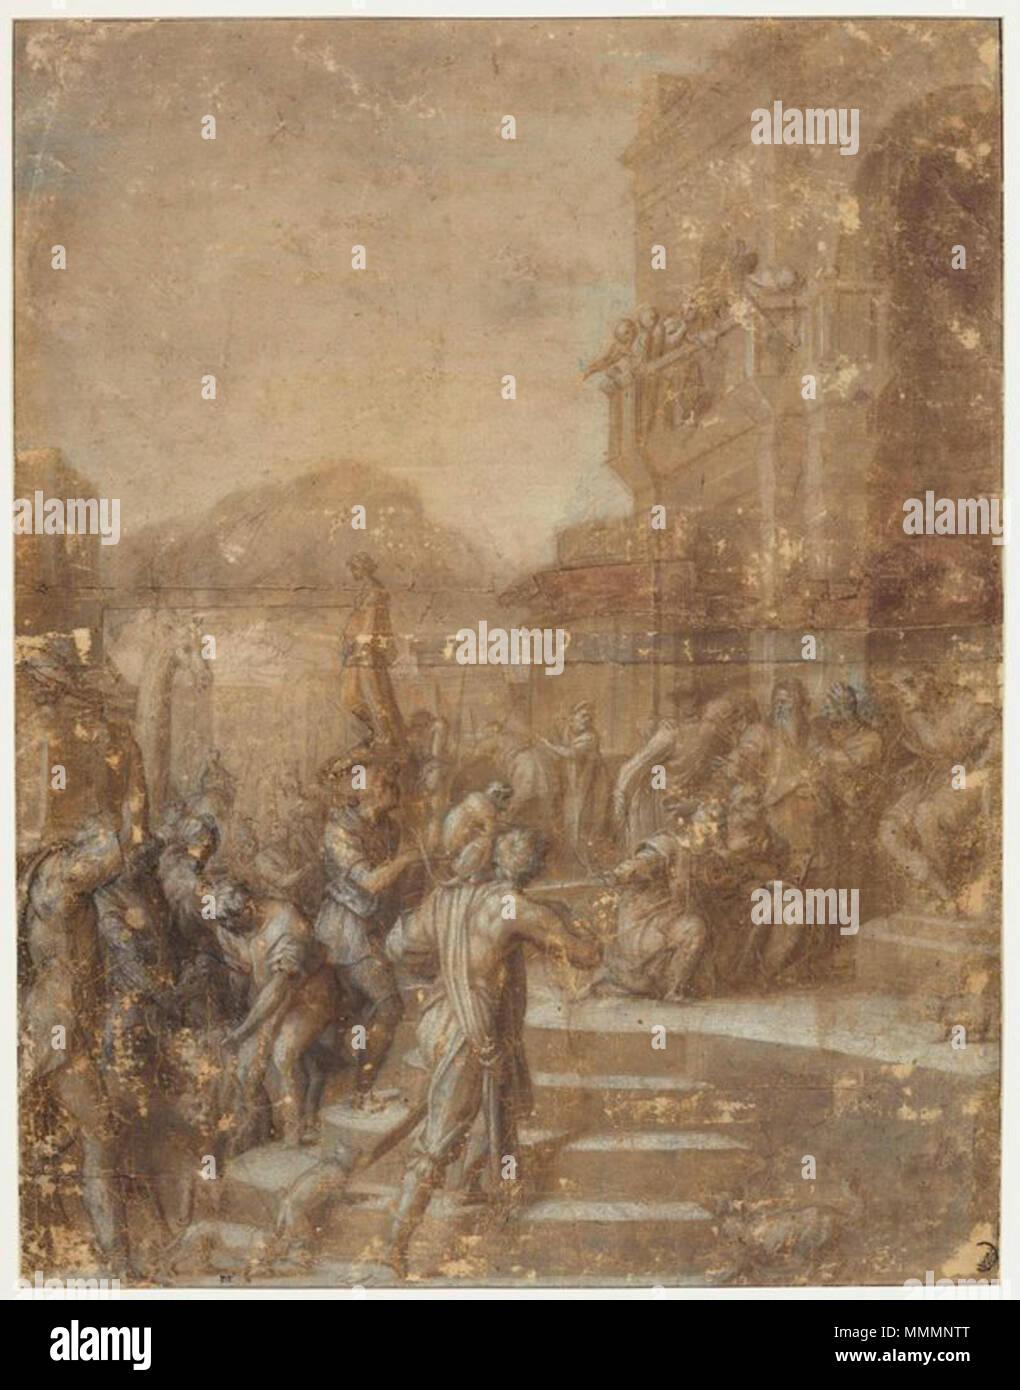 . Andrea del sarto, disegno per il tributo a cesare, louvre.jpg  . 1520s. see filename or category Andrea del sarto, disegno per il tributo a cesare, louvre - Stock Image